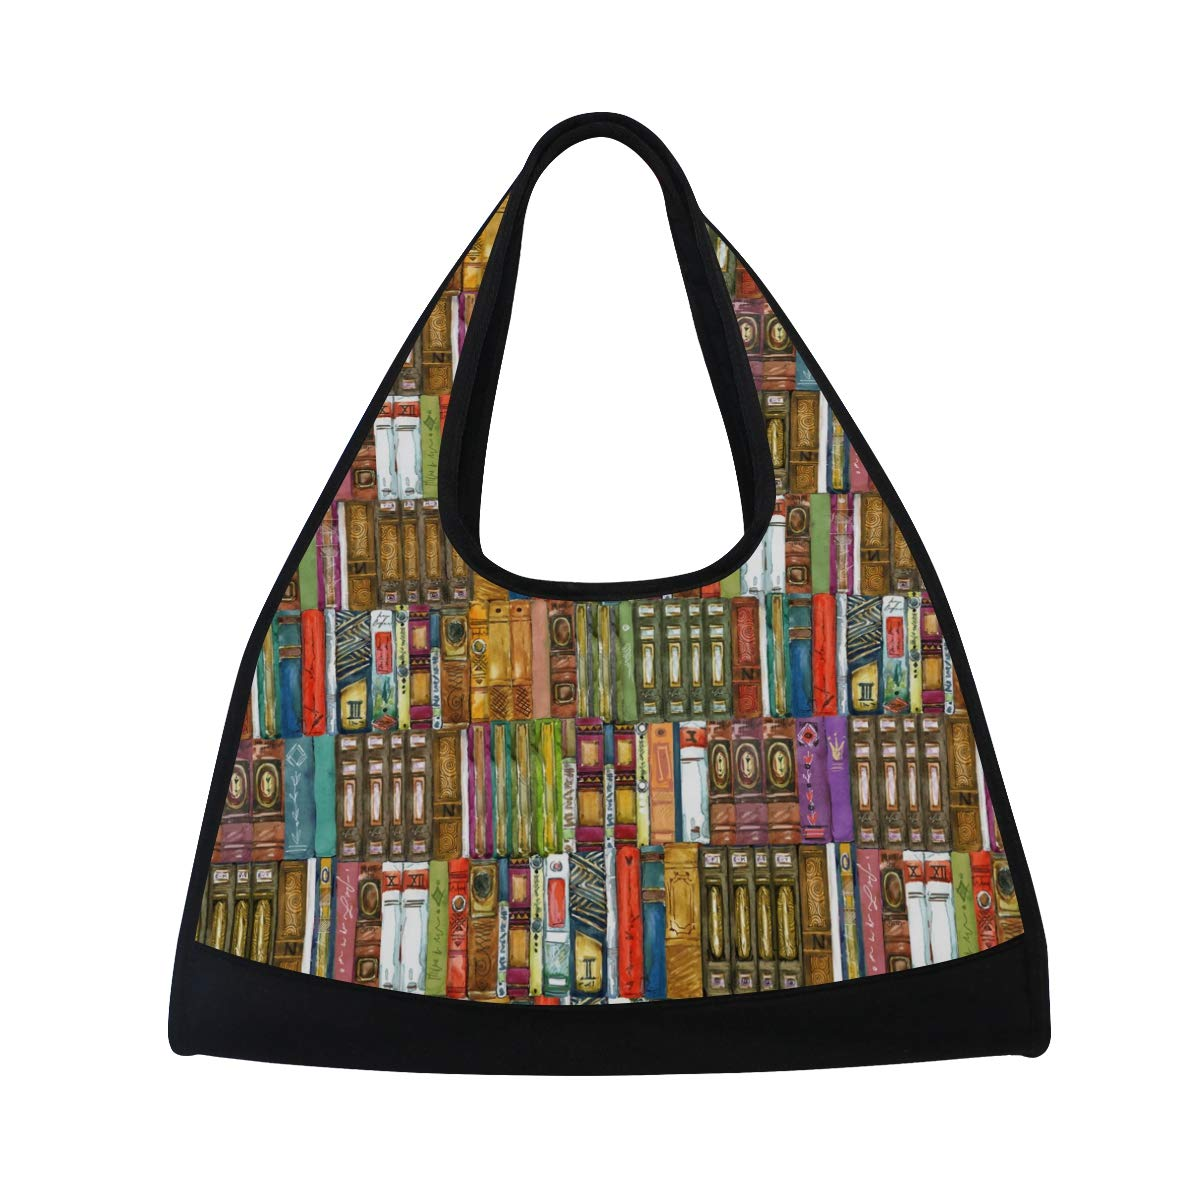 Gym Bag Sports Holdall Book Bookshelf Canvas Shoulder Bag Overnight Travel Bag for Men and Women